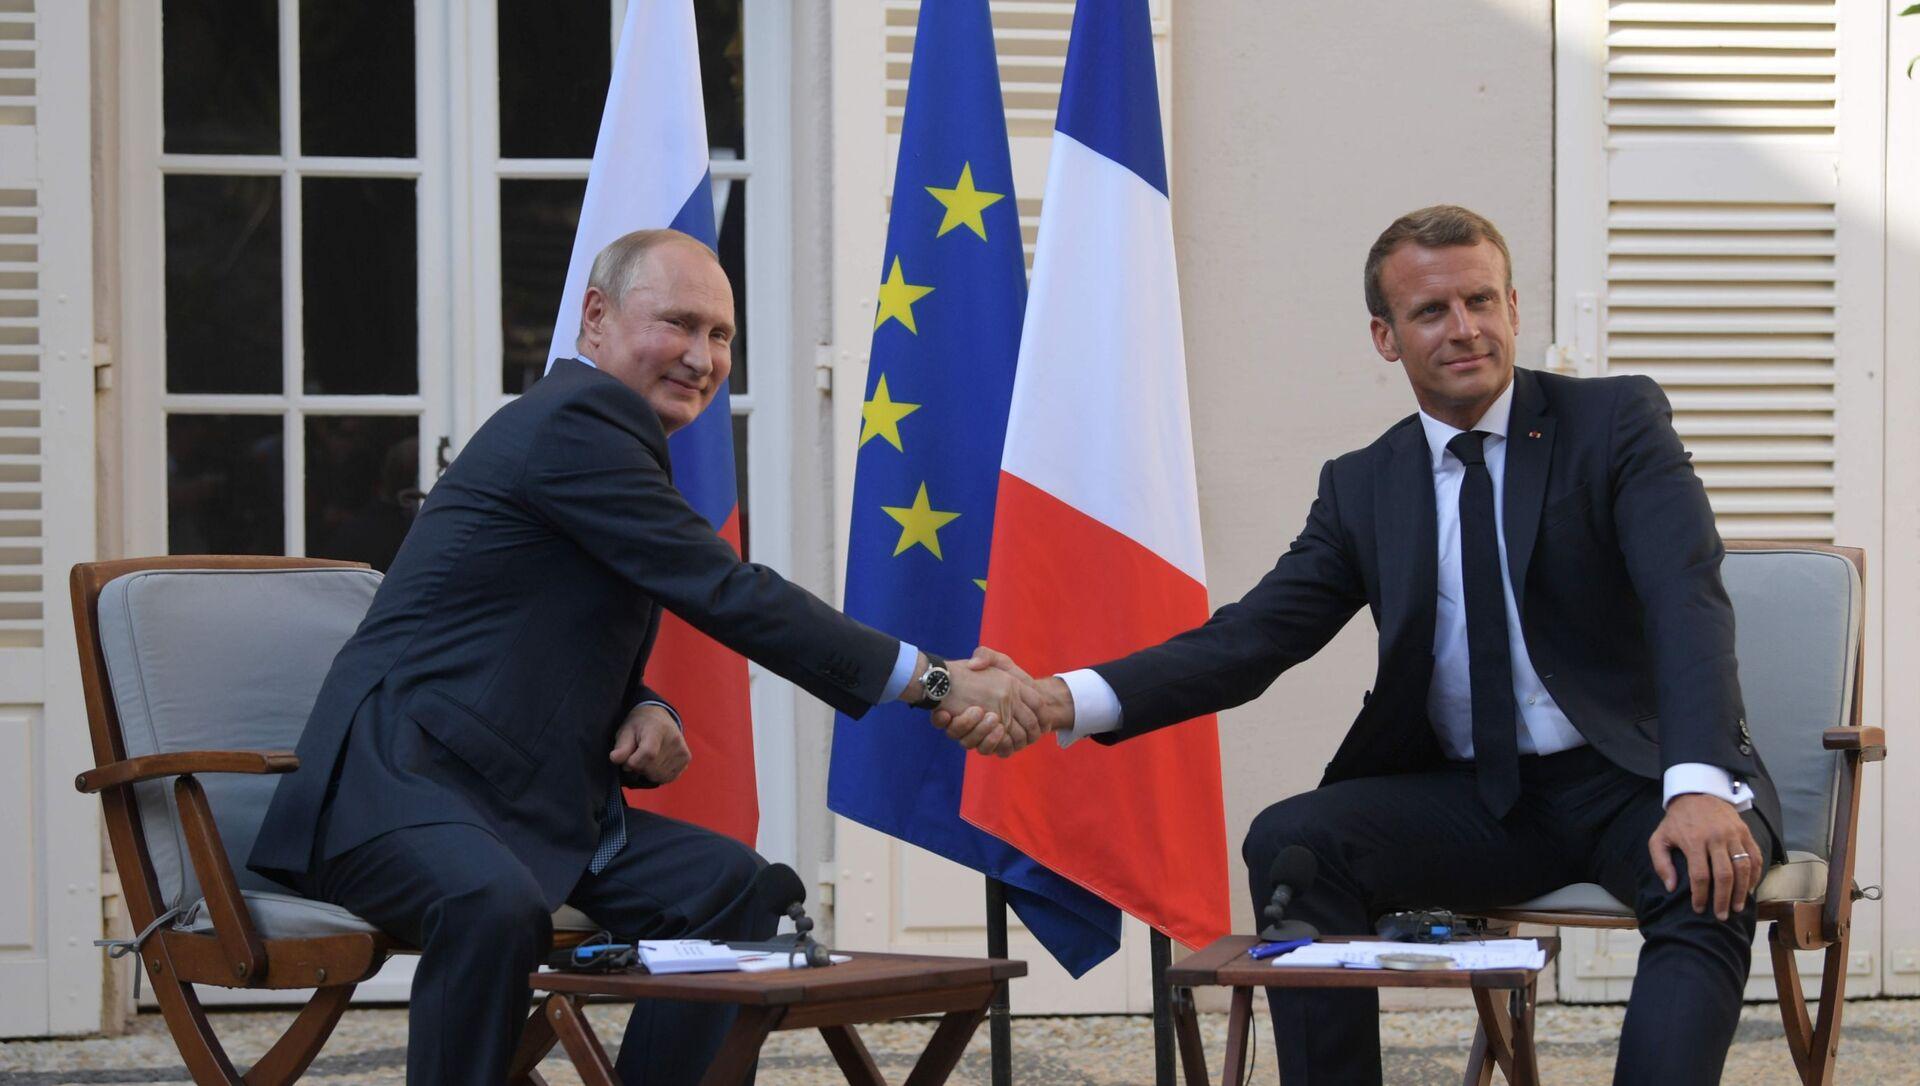 Władimir Putin i Emmanuel Macron podczas spotkania we Francji  - Sputnik Polska, 1920, 26.04.2021